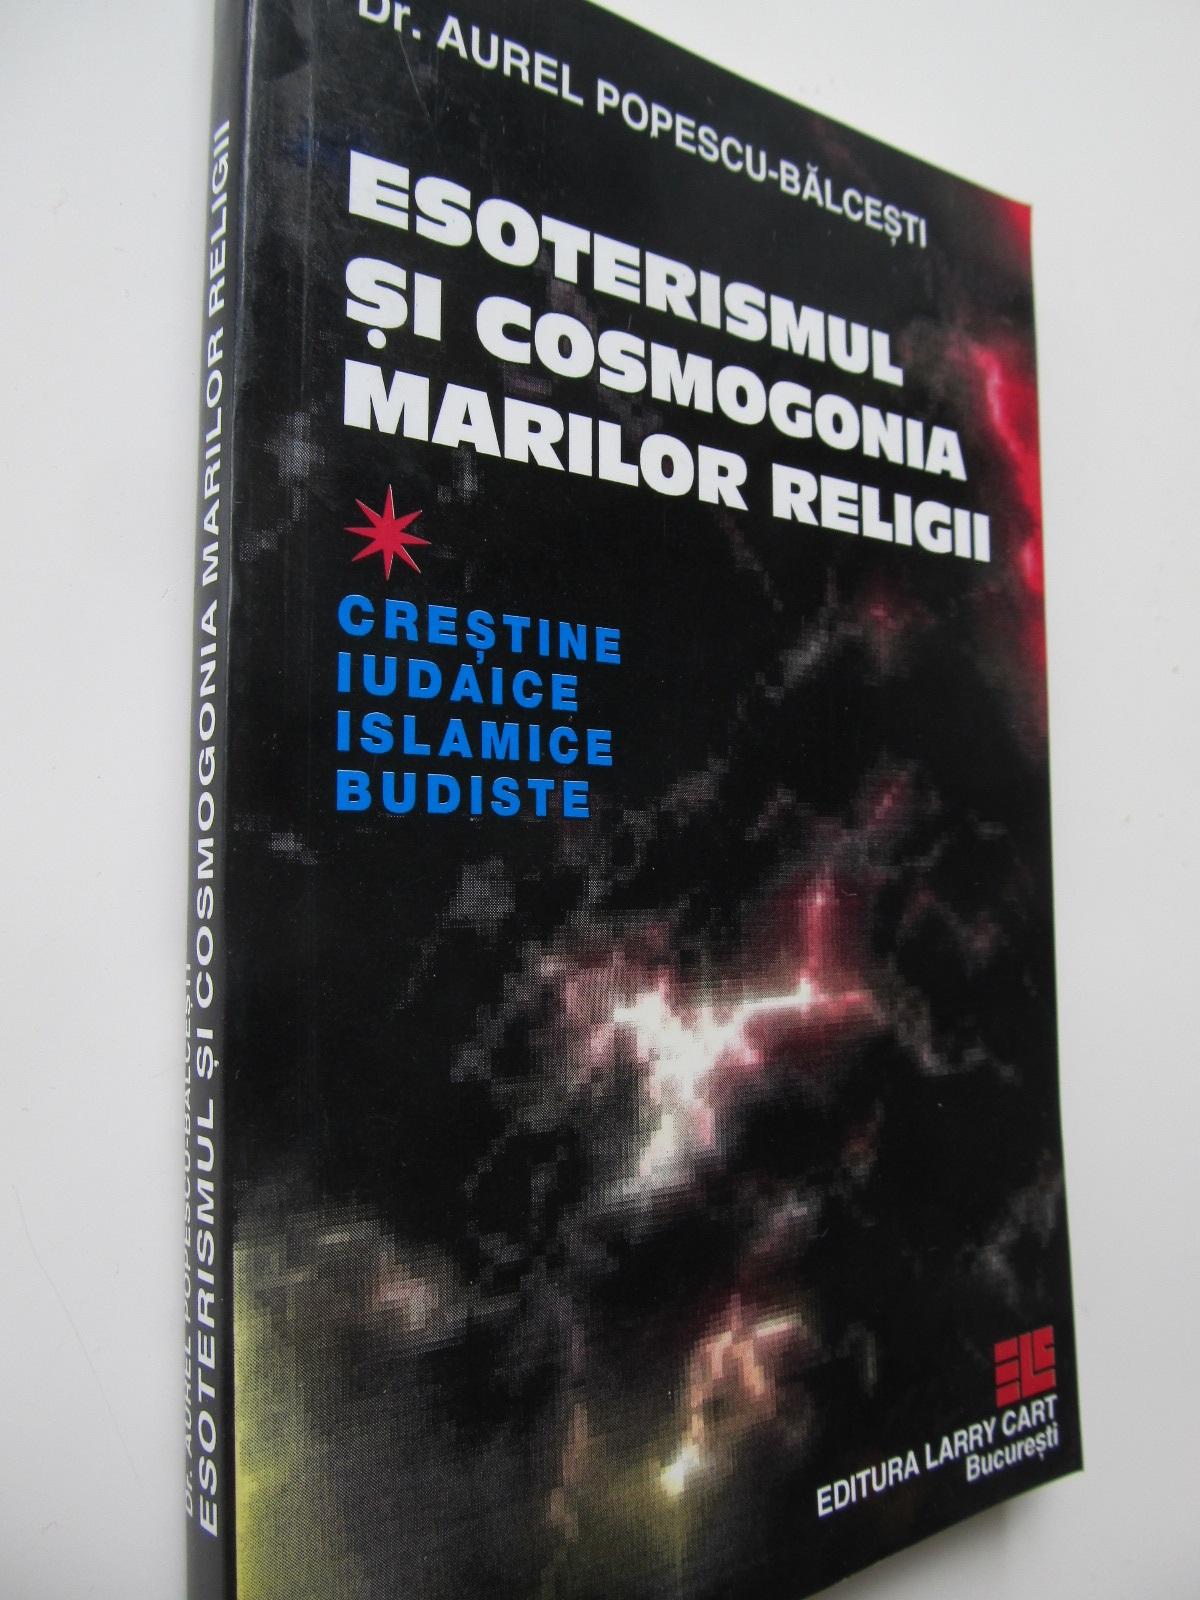 Esoterismul si cosmogonia marilor religii - crestine iudaice islamice budiste - Aurel Popescu Balcesti | Detalii carte